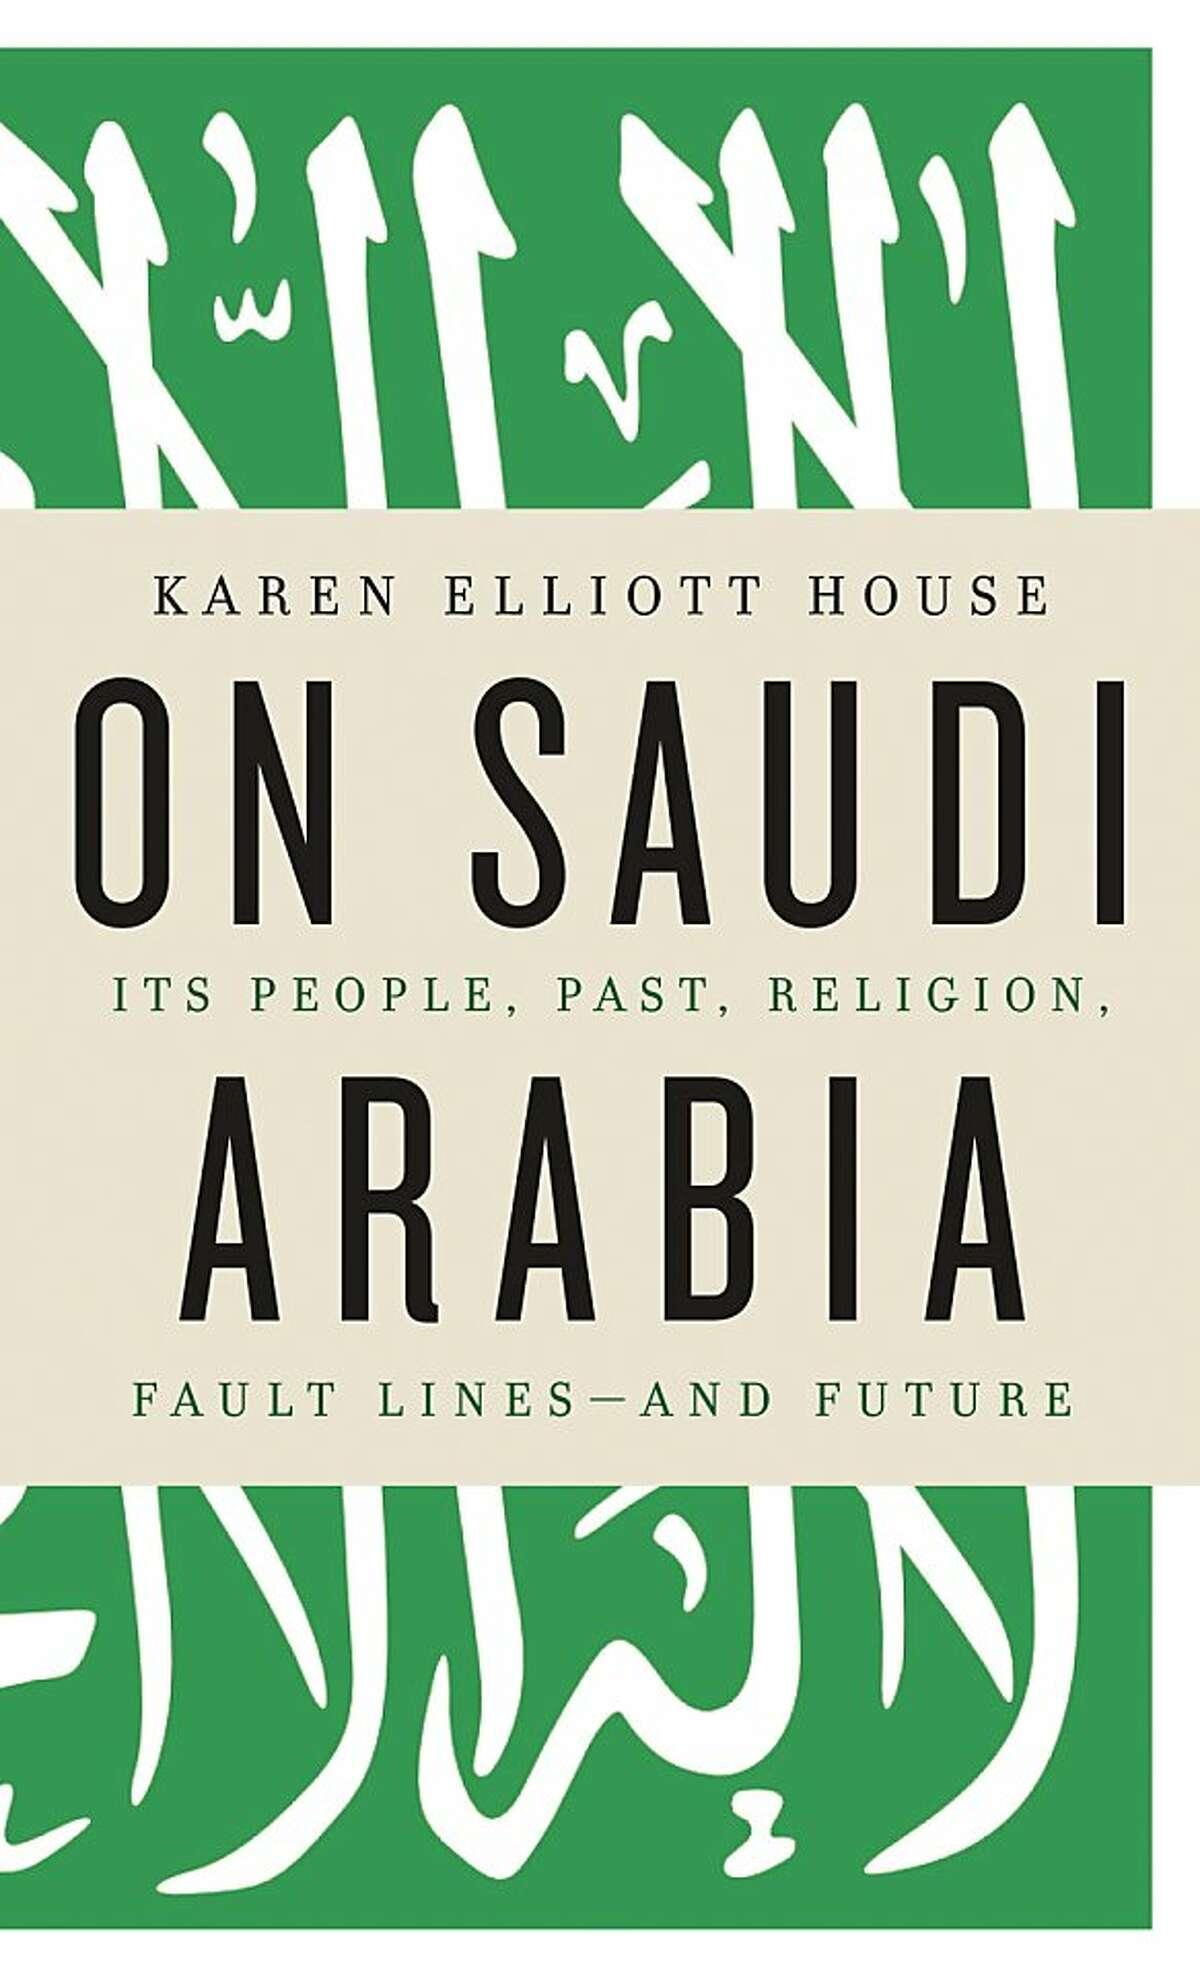 On Saudi Arabia, by Karen Elliott House